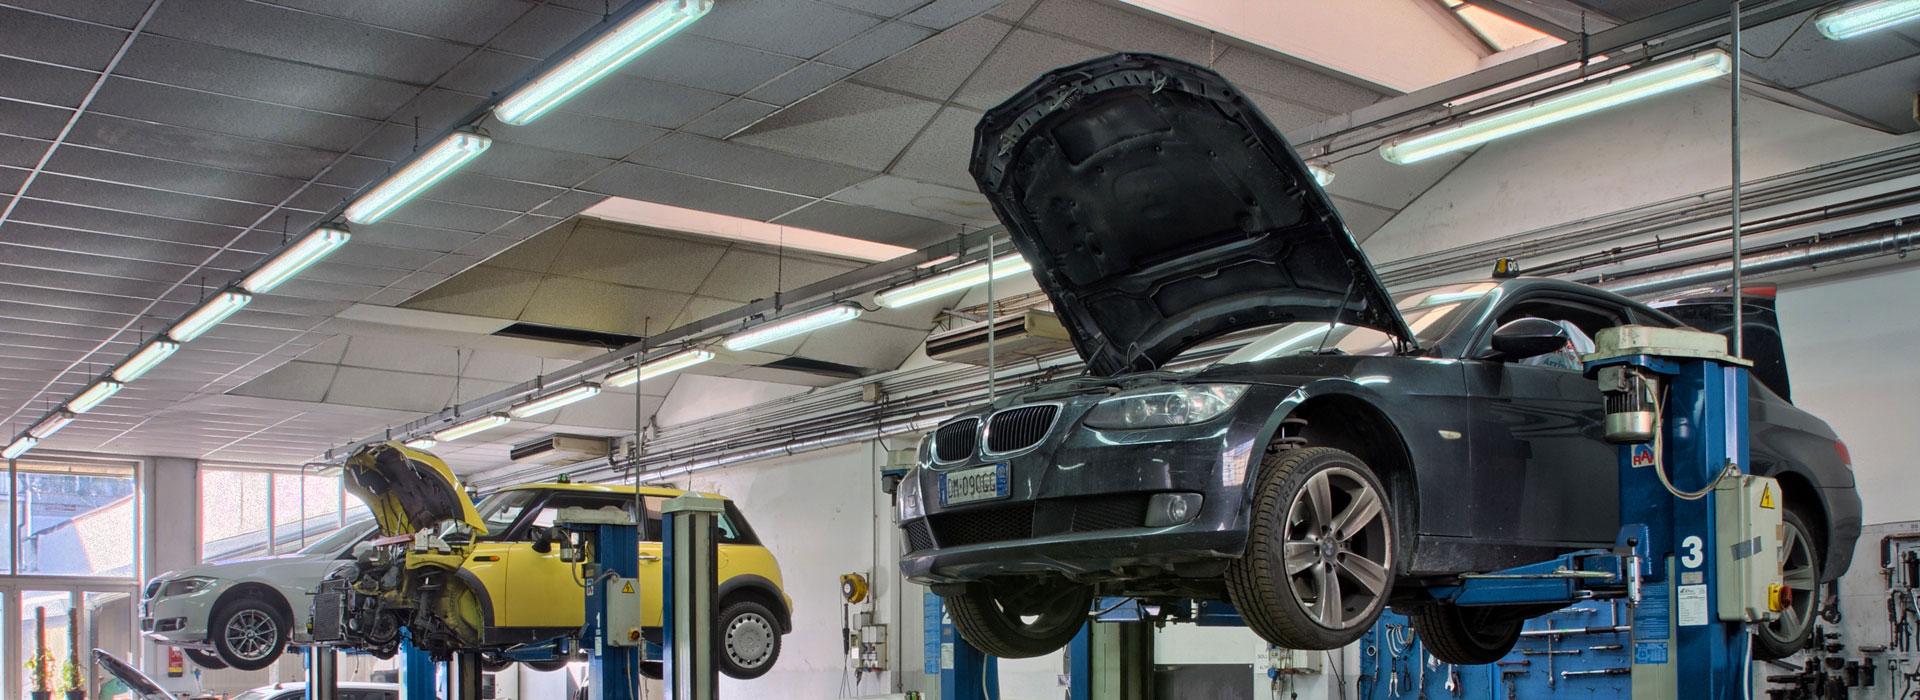 Tagliando Commerciale Automobili Prato